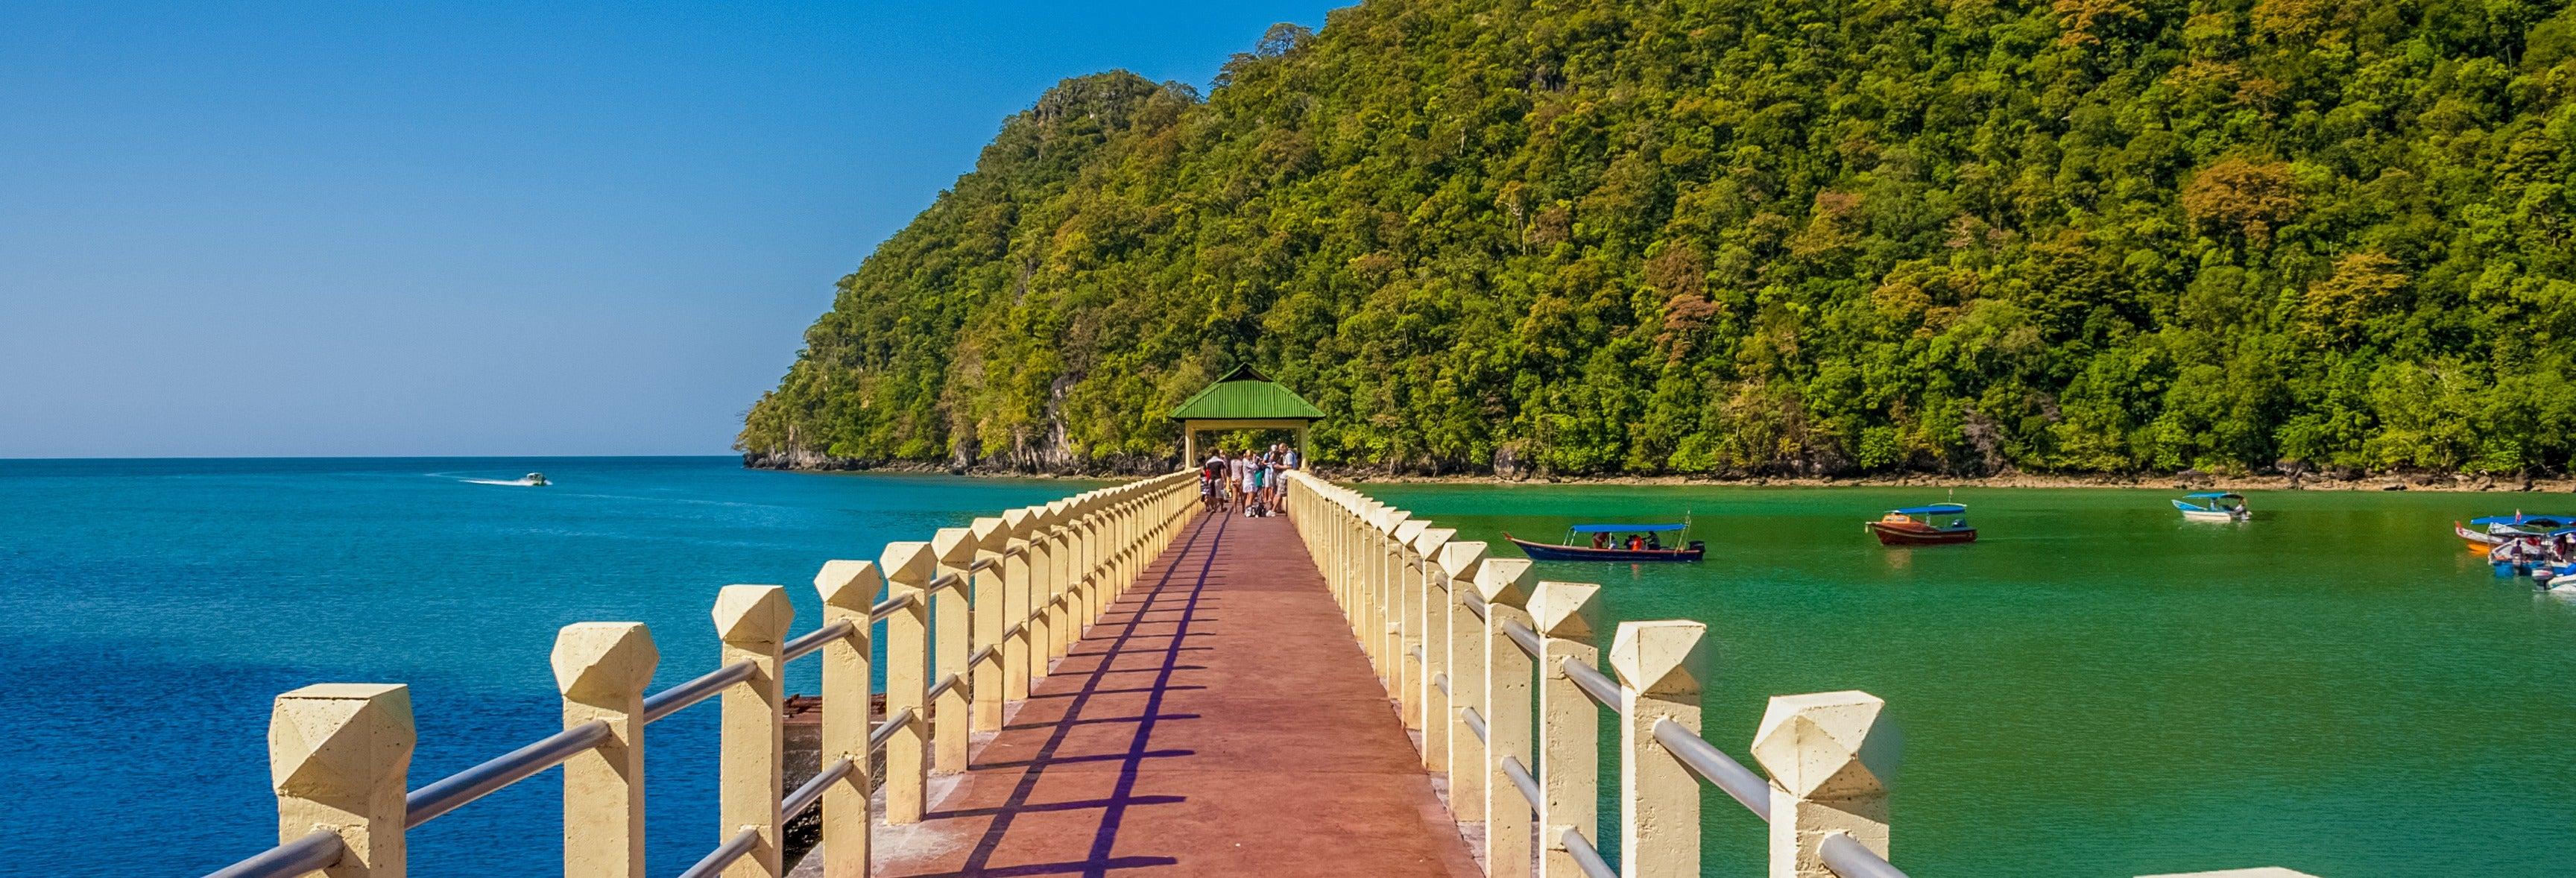 Tour por las islas de Langkawi